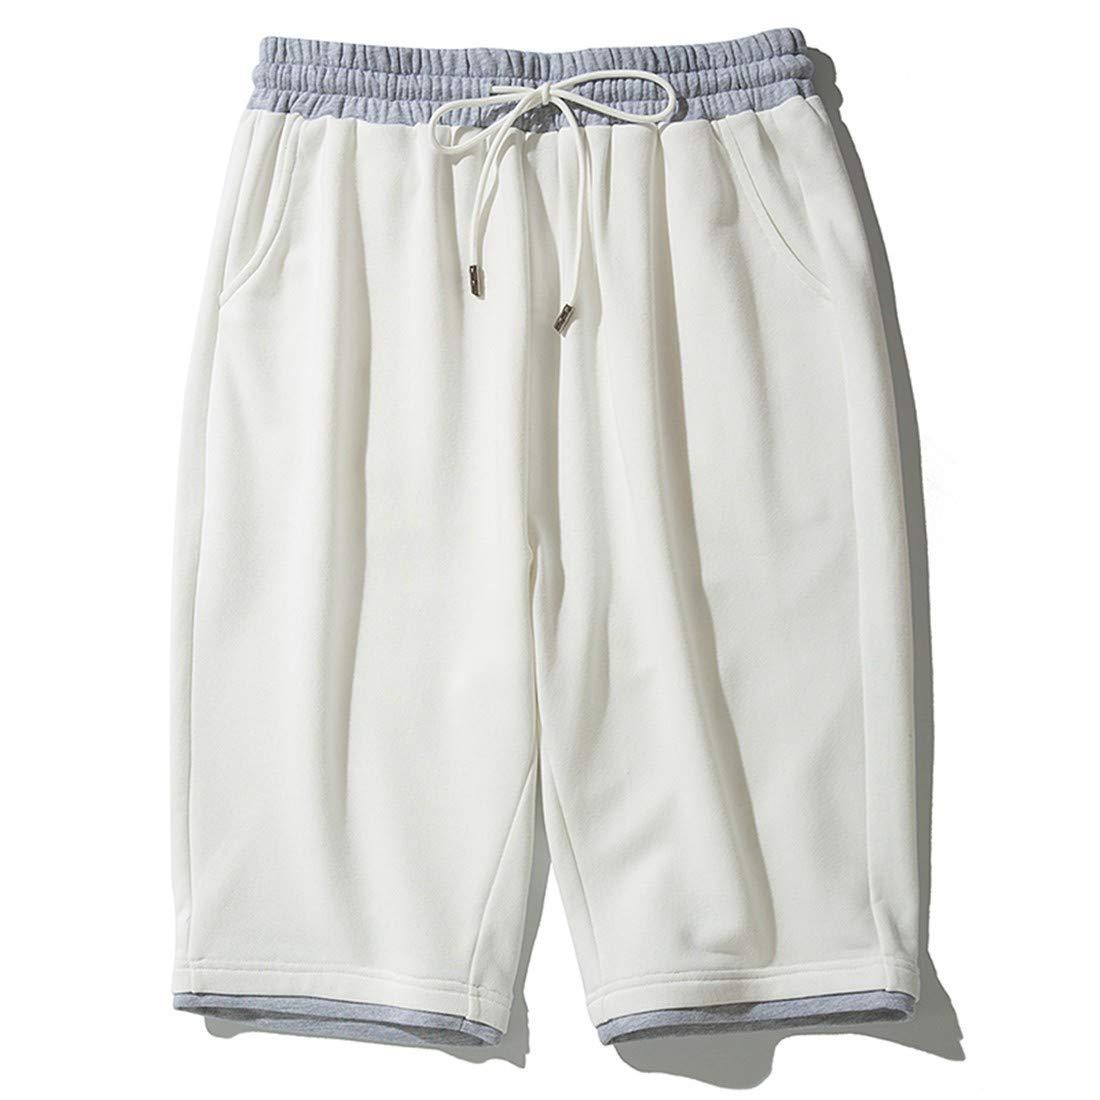 Pantalones de chándal Casuales de Verano Sueltos más Fertilizantes ...